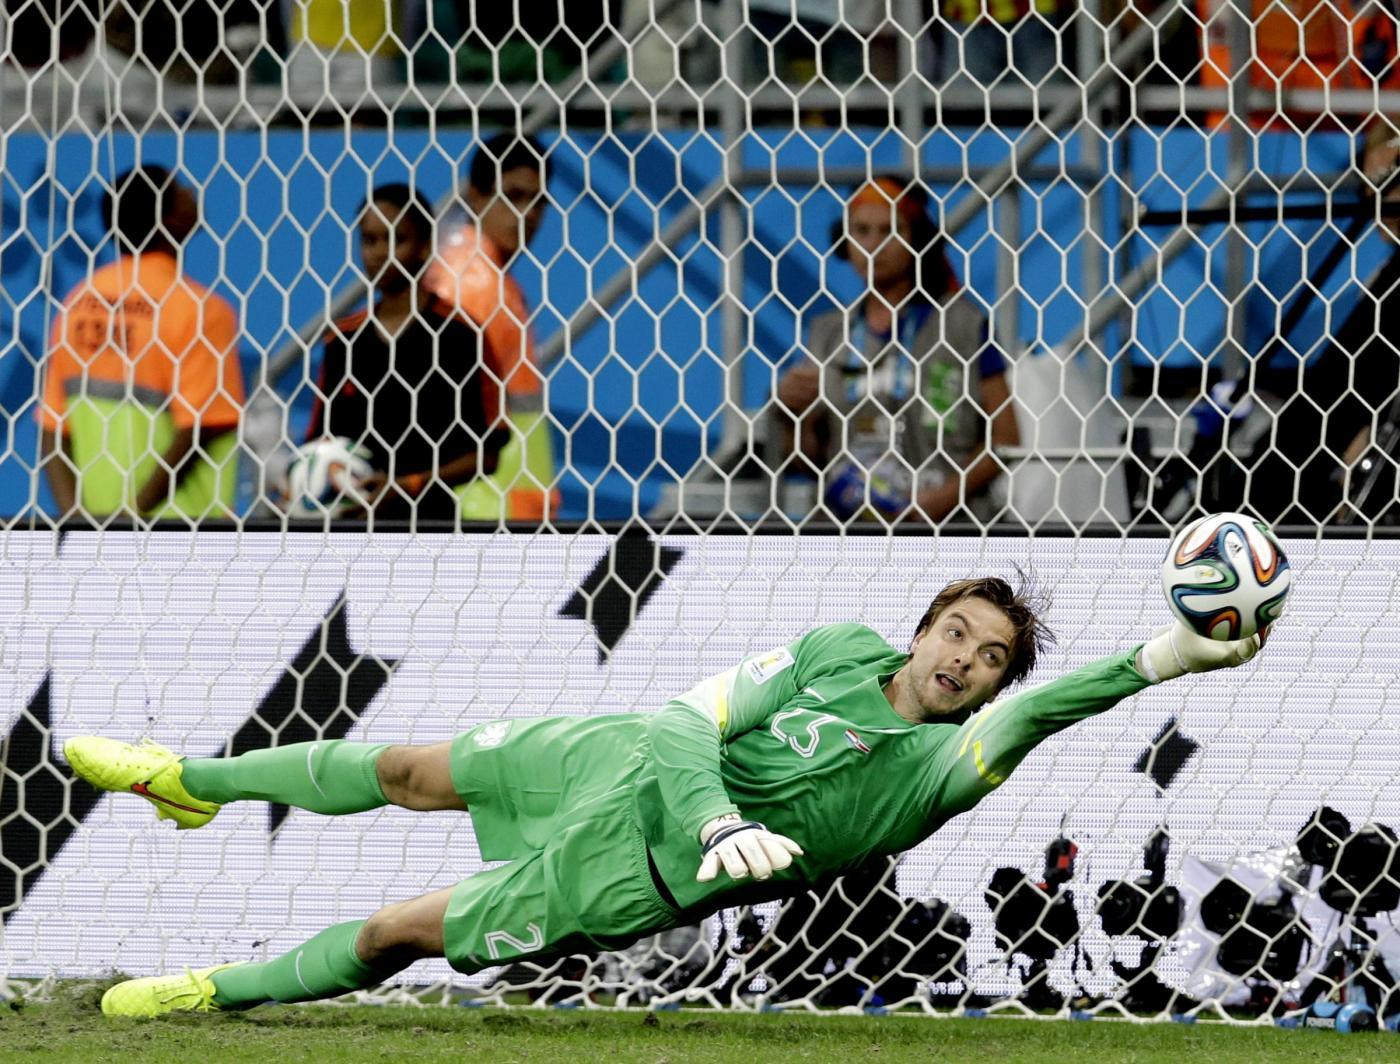 Mondiali 2014: Olanda batte Costa Rica ai rigori, Krul nella storia